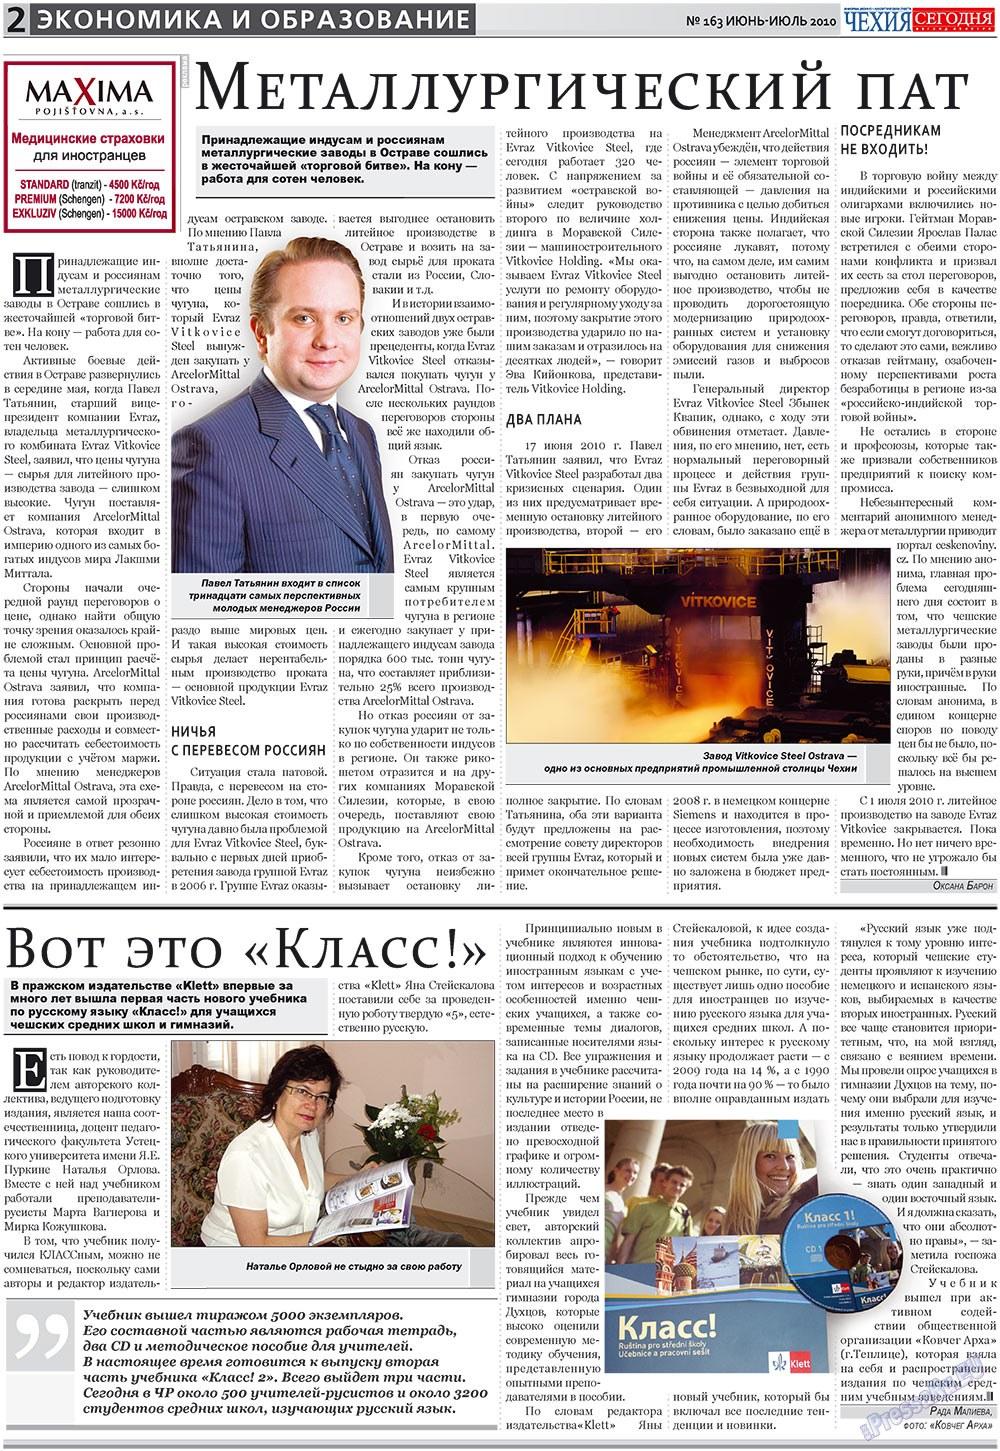 Чехия сегодня (журнал). 2010 год, номер 163, стр. 2